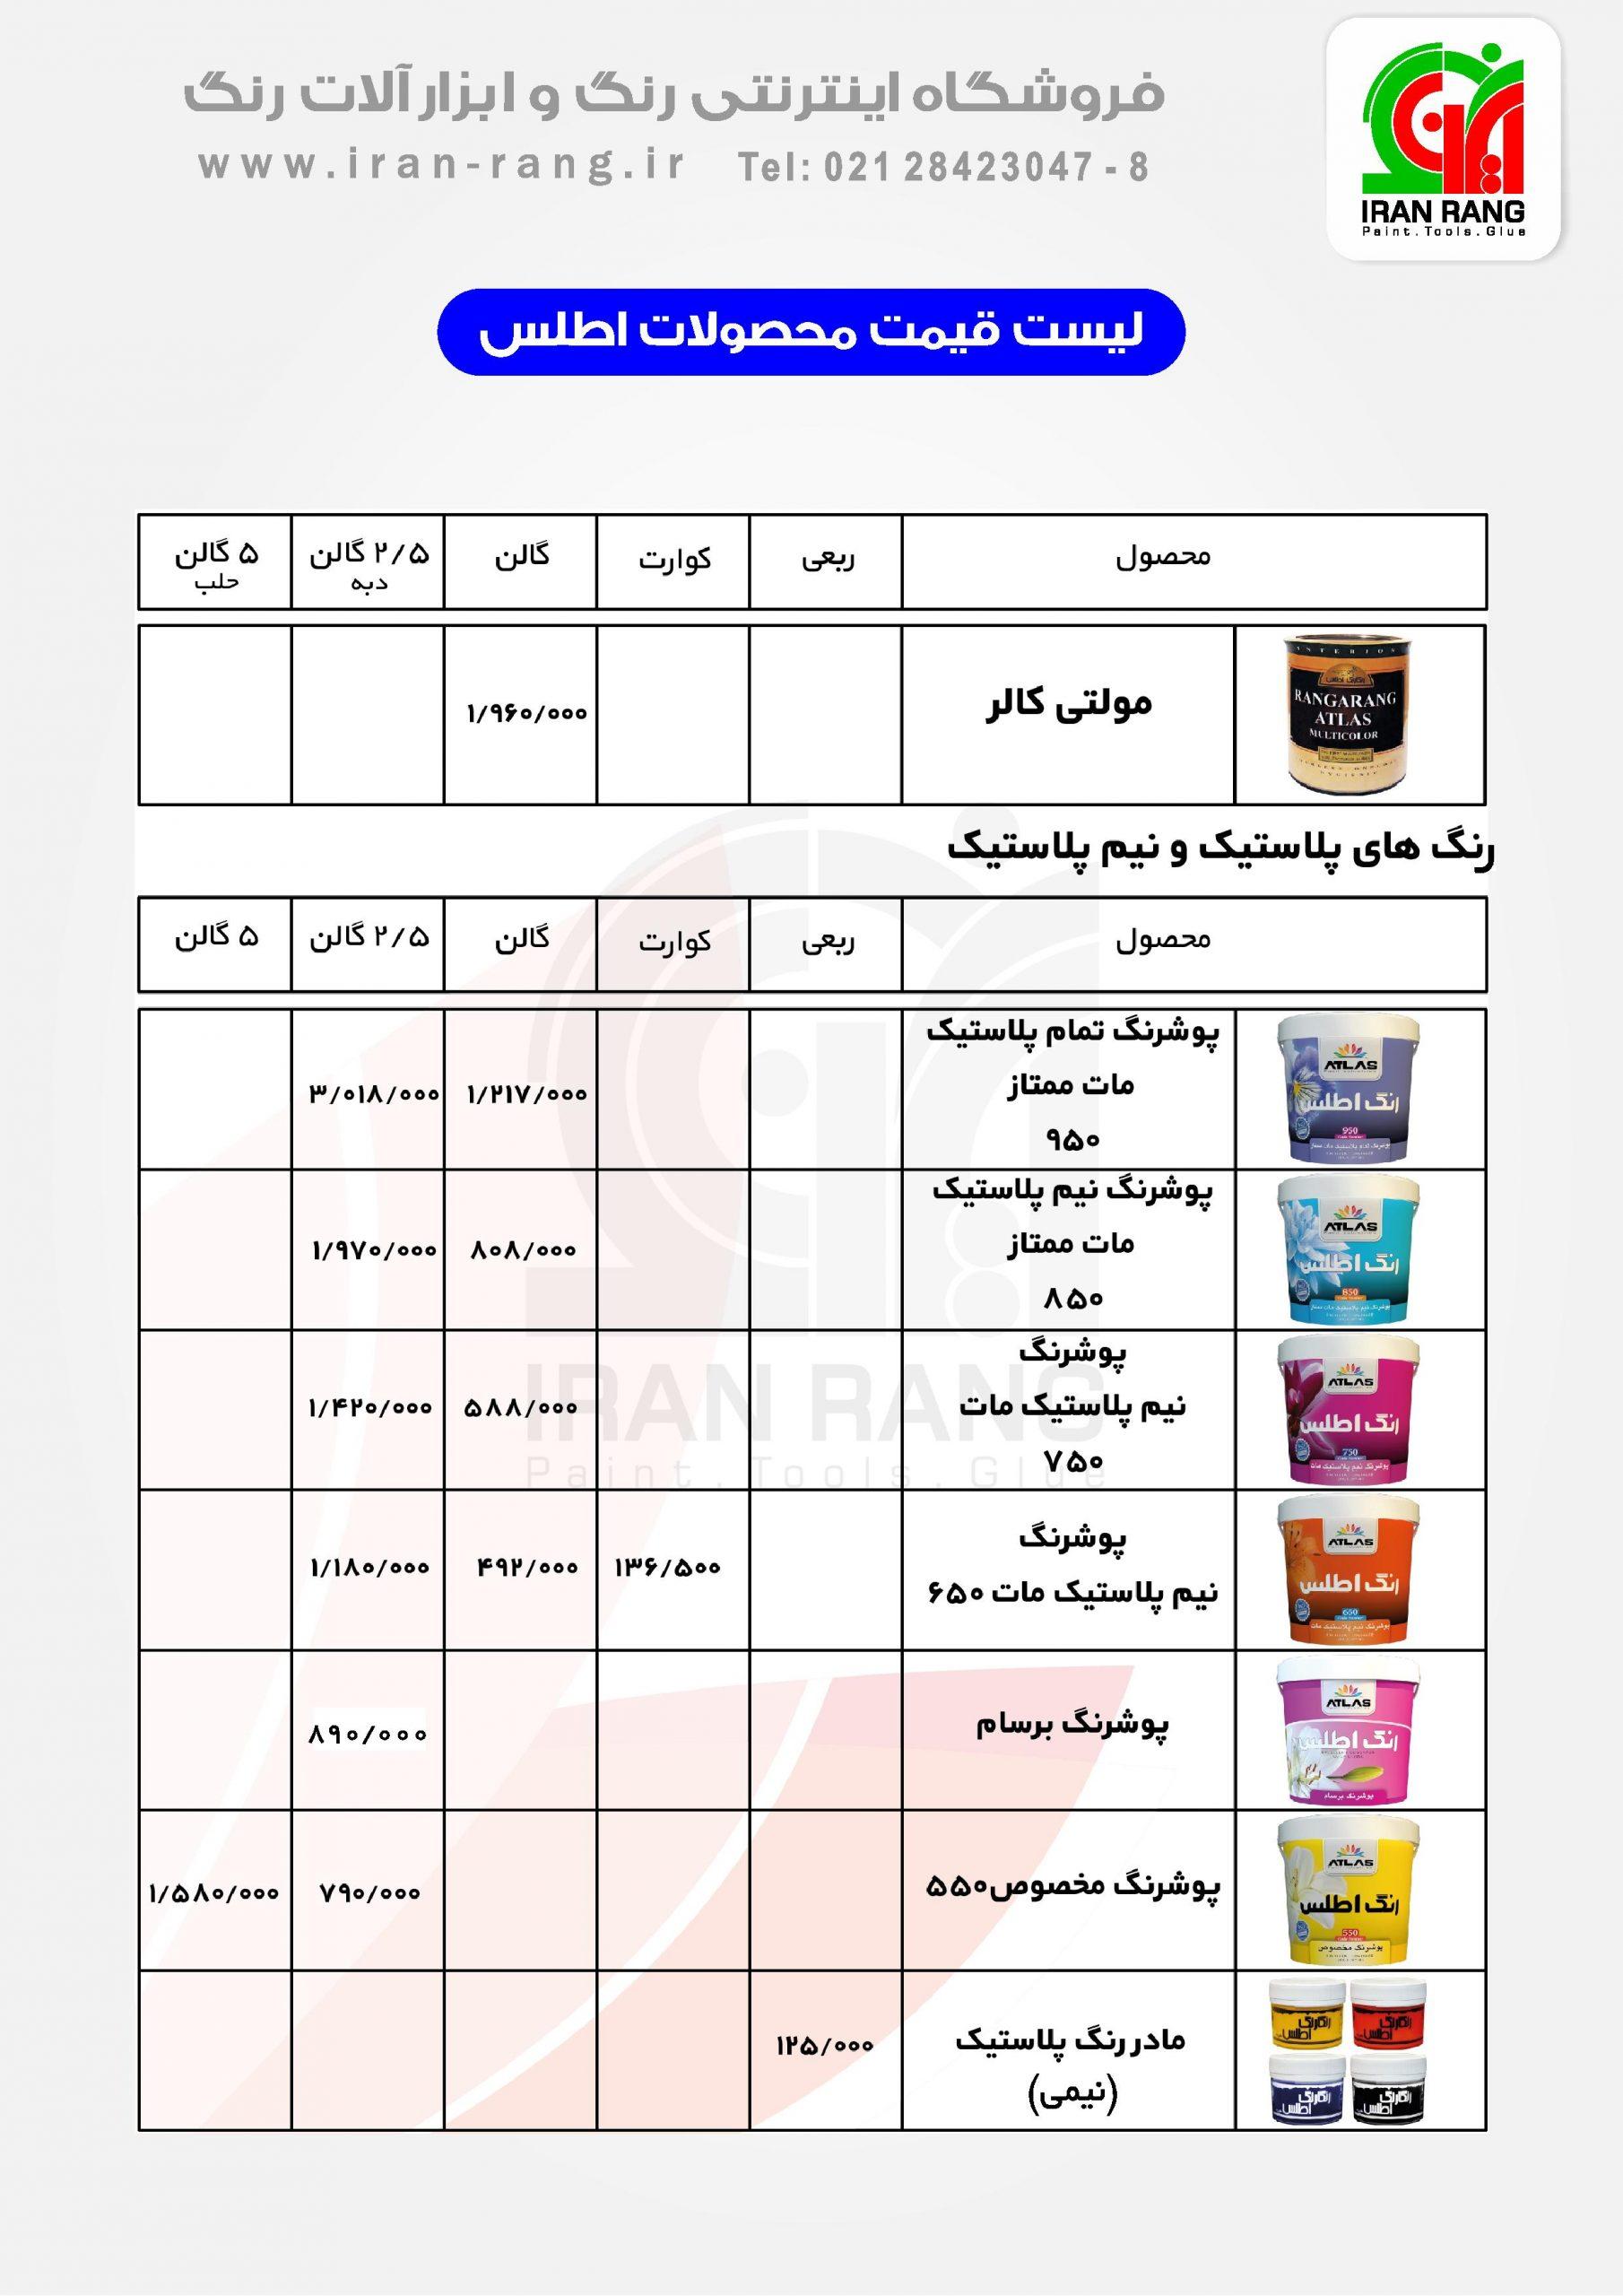 لیست قیمت رنگ اطلس - فروشگاه اینترنتی ایران رنگ